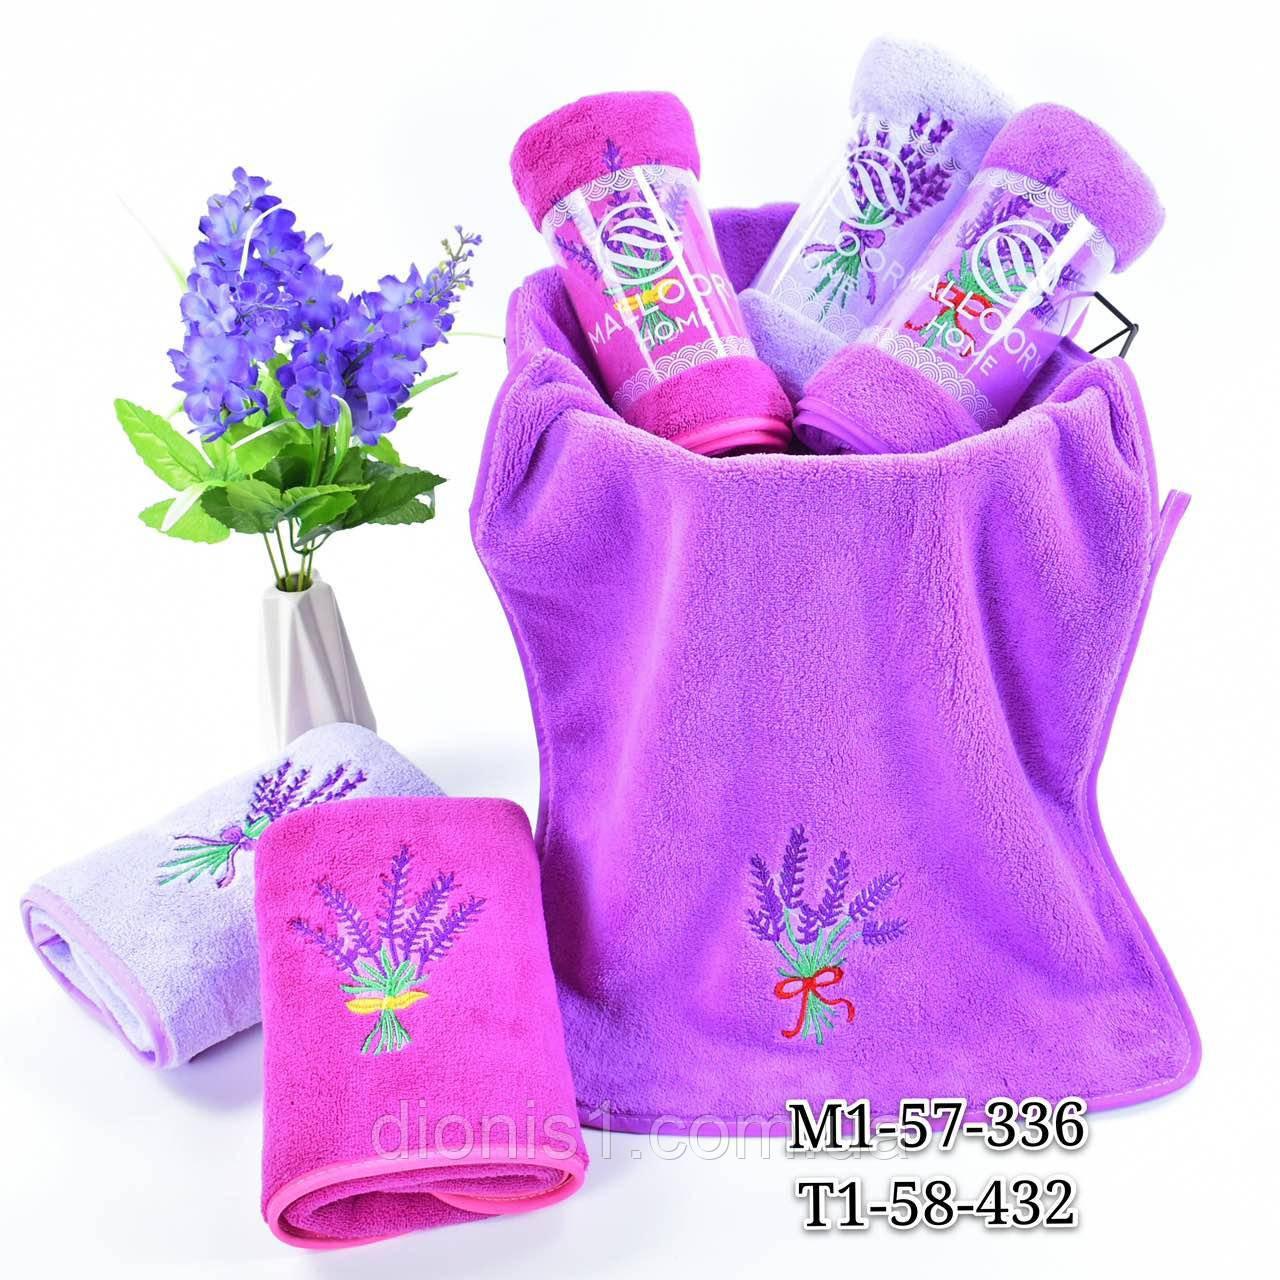 Кухонные полотенца Лаванда,  3 шт в упаковке. фибра